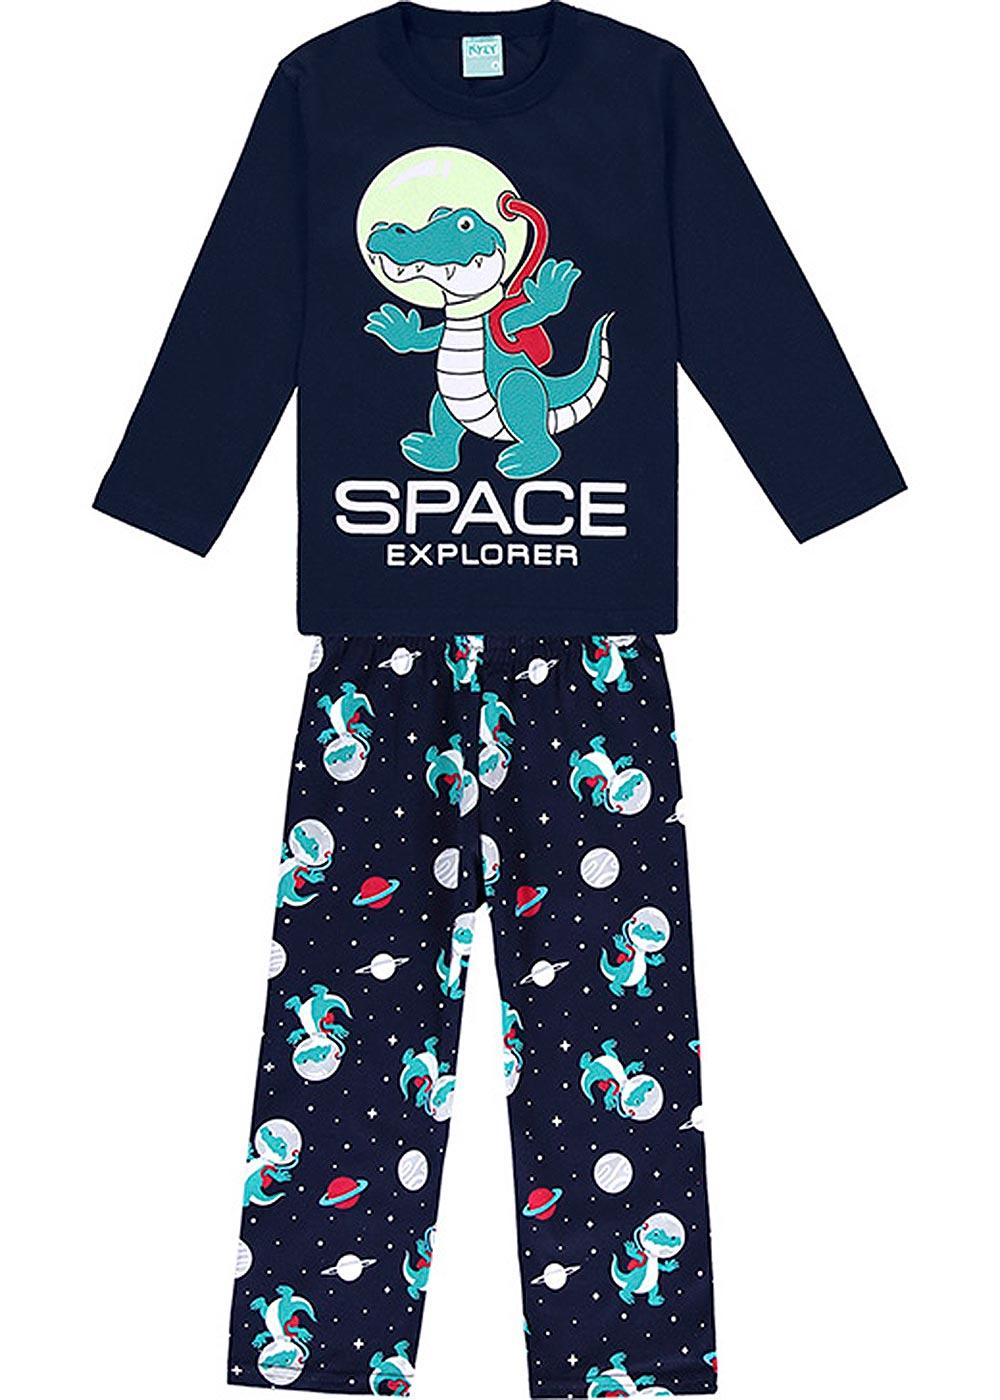 Pijama Infantil Masculino Inverno Marinho Space Explorer Brilha no Escuro - Kyly